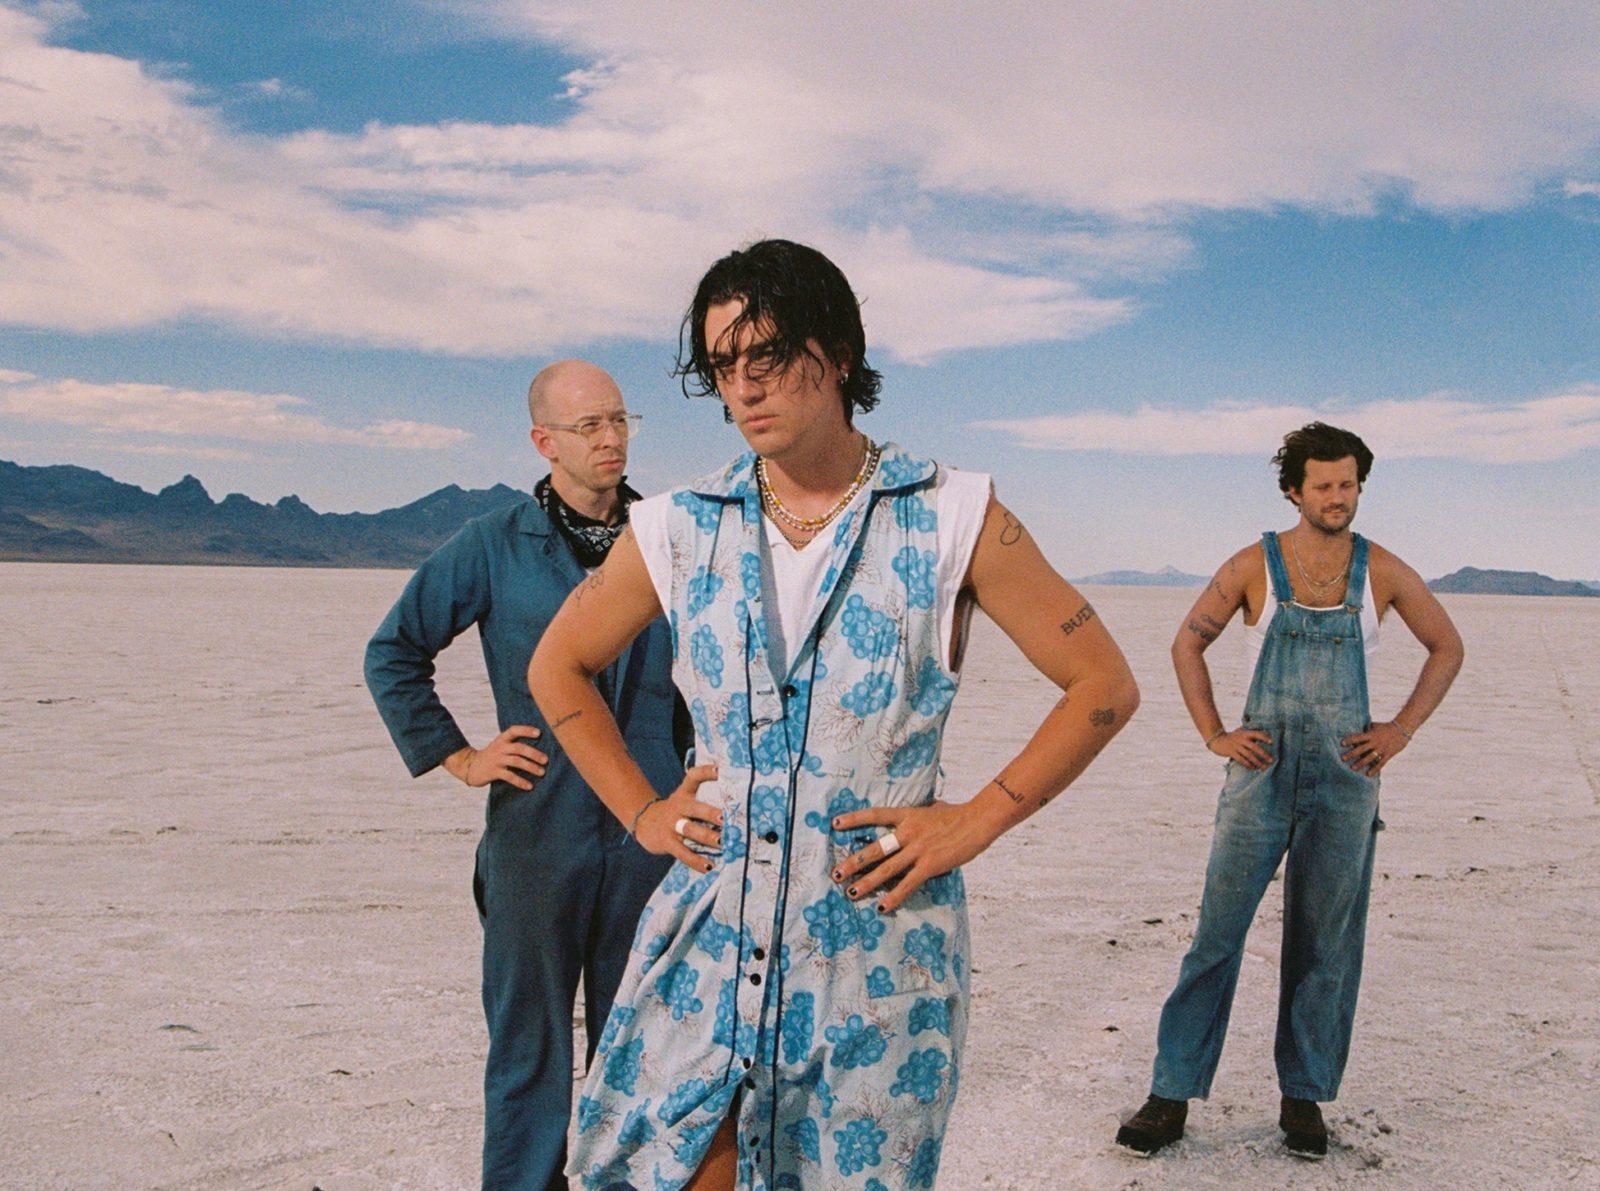 LA発のセツナポップ・バンドLANY、2年ぶり3枚目のニュー・アルバムを発売決定サムネイル画像